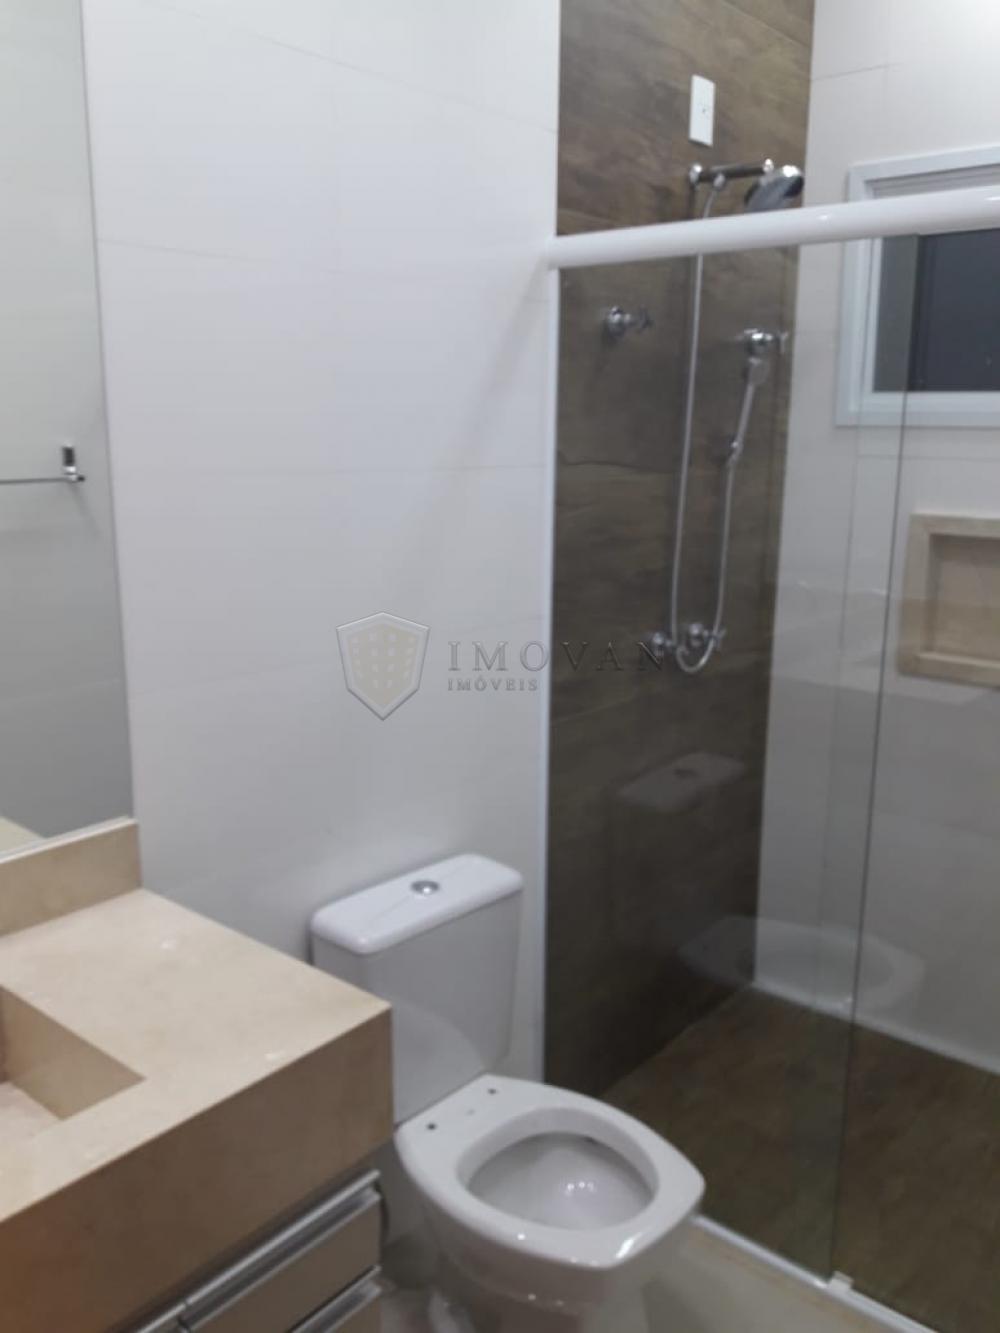 Comprar Casa / Condomínio em Ribeirão Preto apenas R$ 710.000,00 - Foto 10